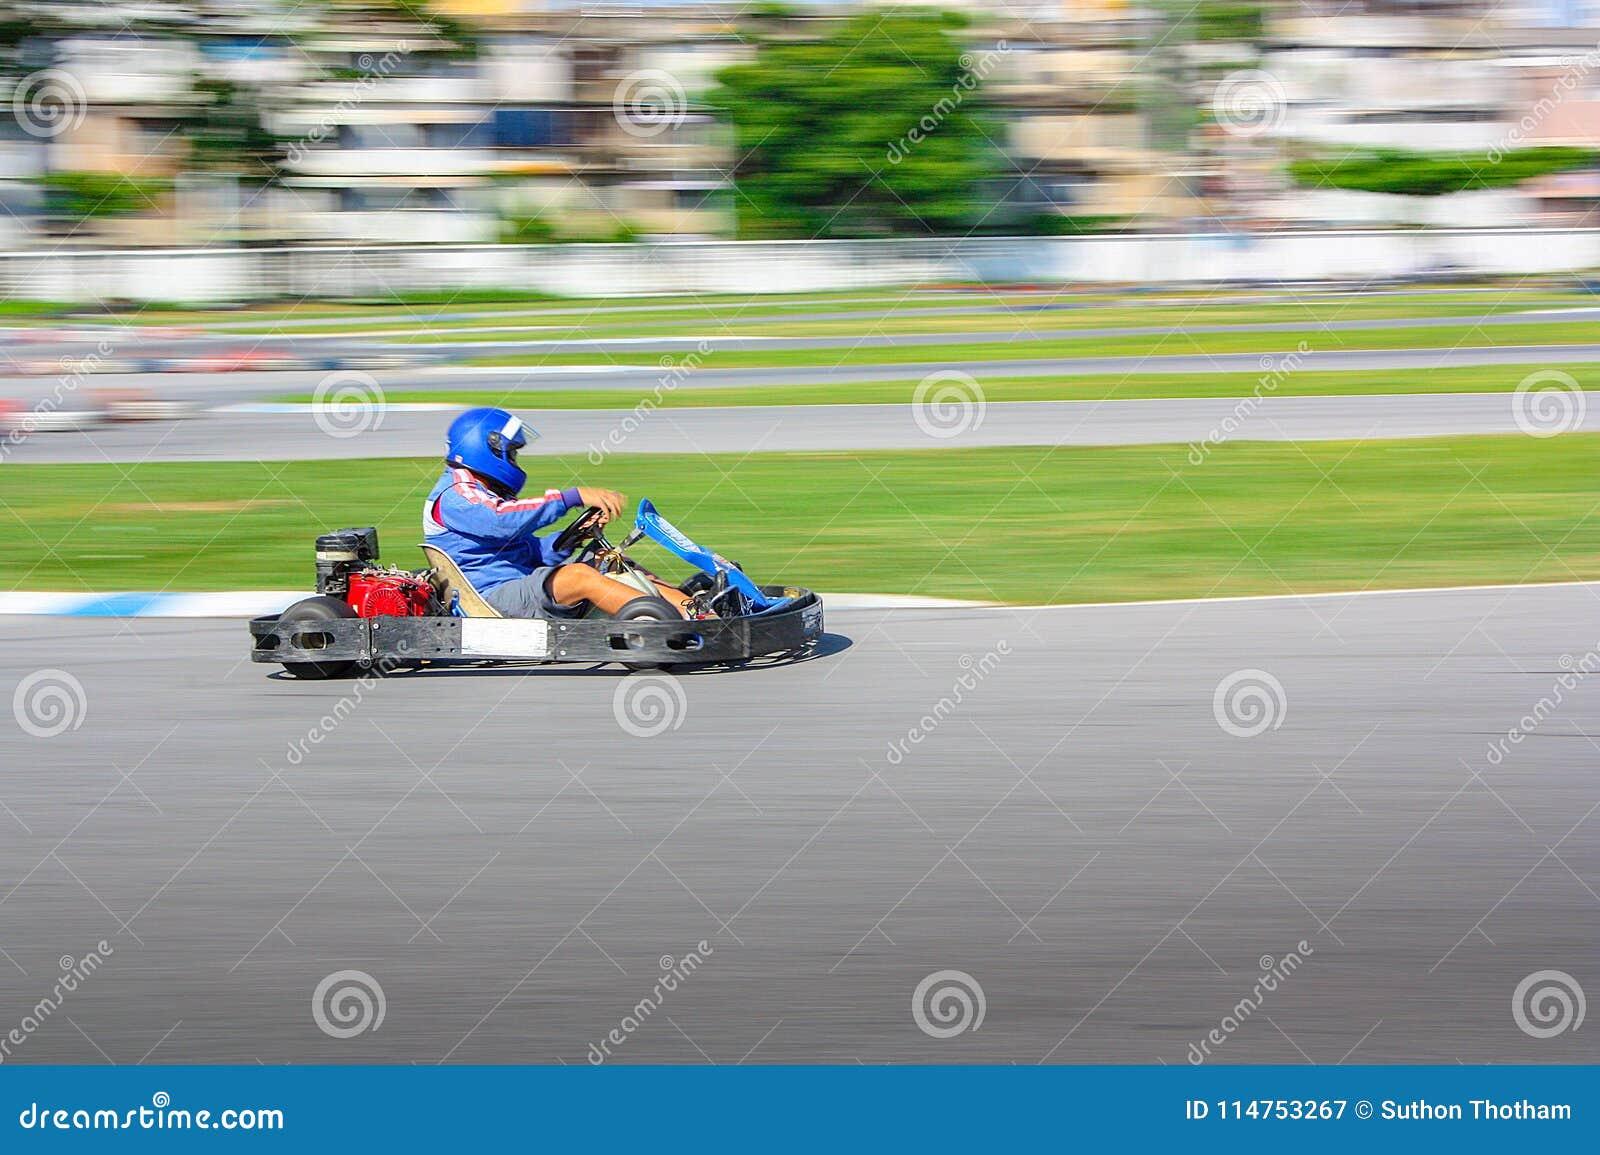 Vont le coureur de kart sur la voie, tir est filtré